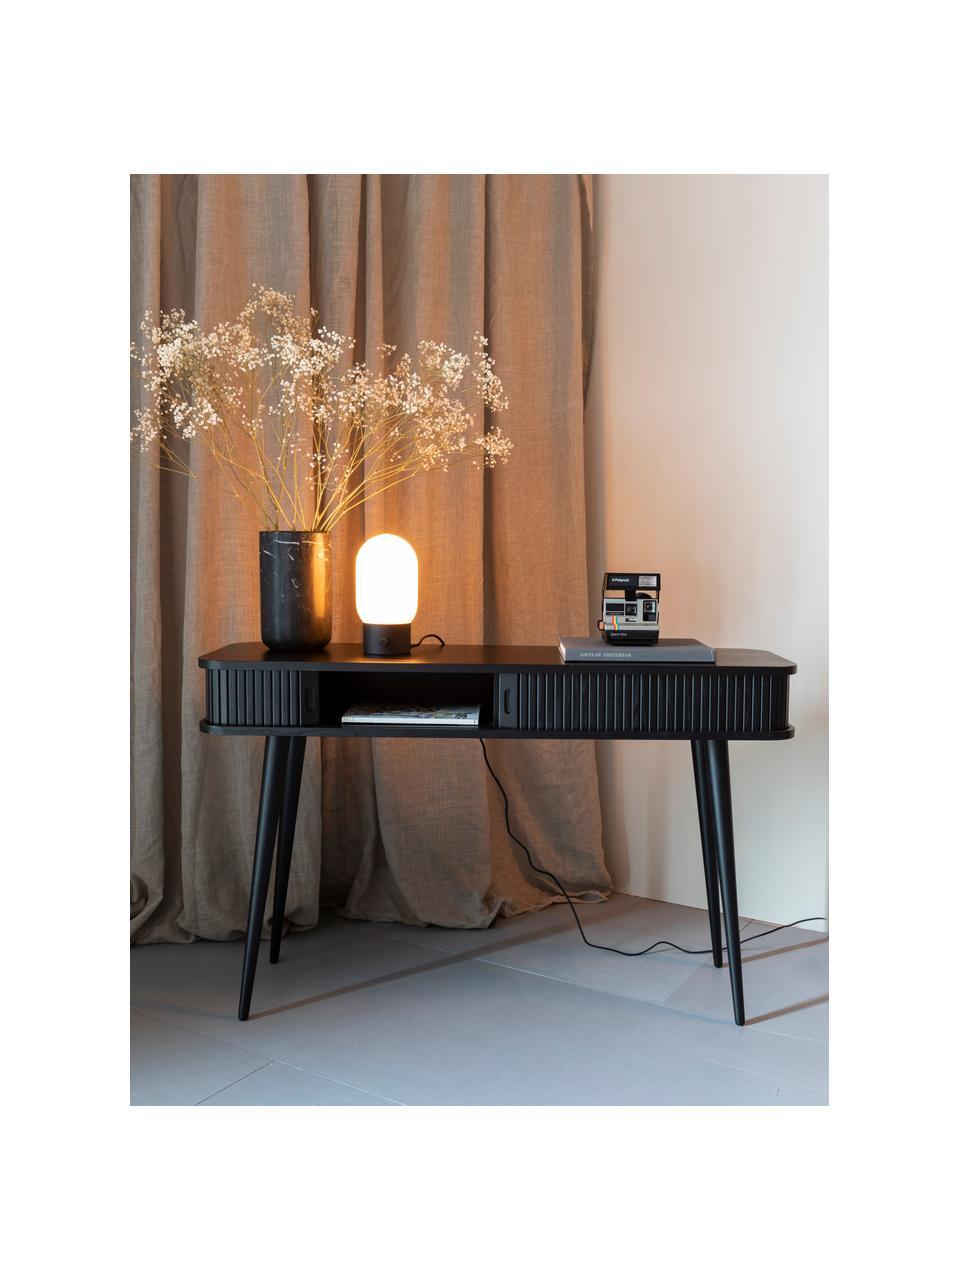 Lampada da tavolo con porta USB Urban, Paralume: vetro opale, Base della lampada: metallo rivestito, Nero, bianco, Ø 13 x Alt. 25 cm